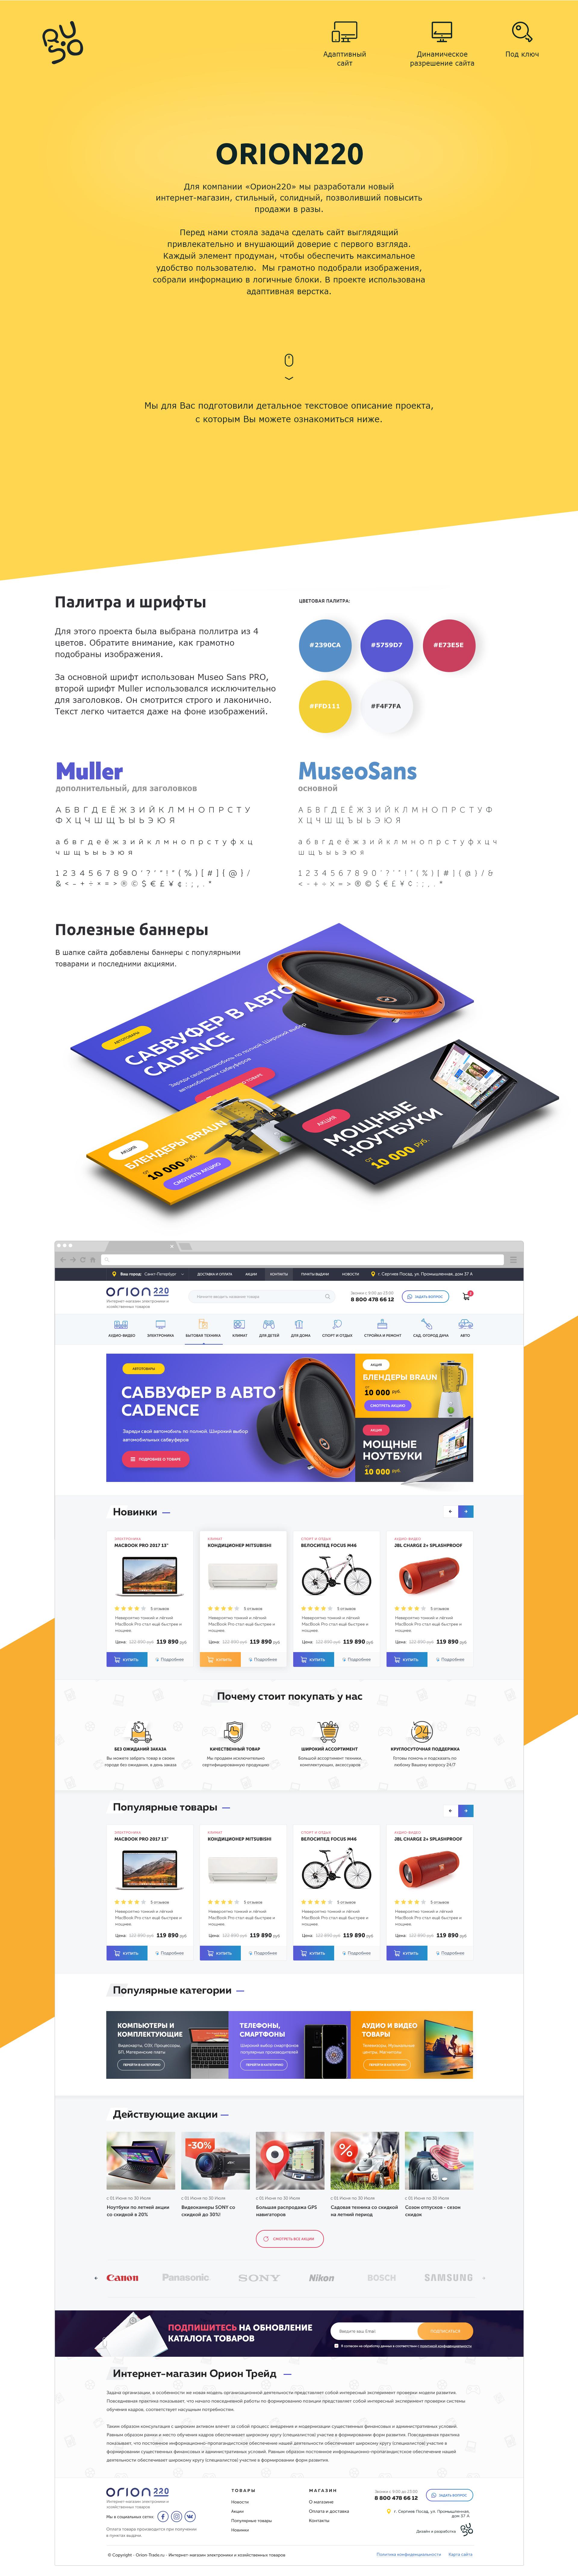 Orion220 – интернет-магазин электроники и хозяйственных товаров